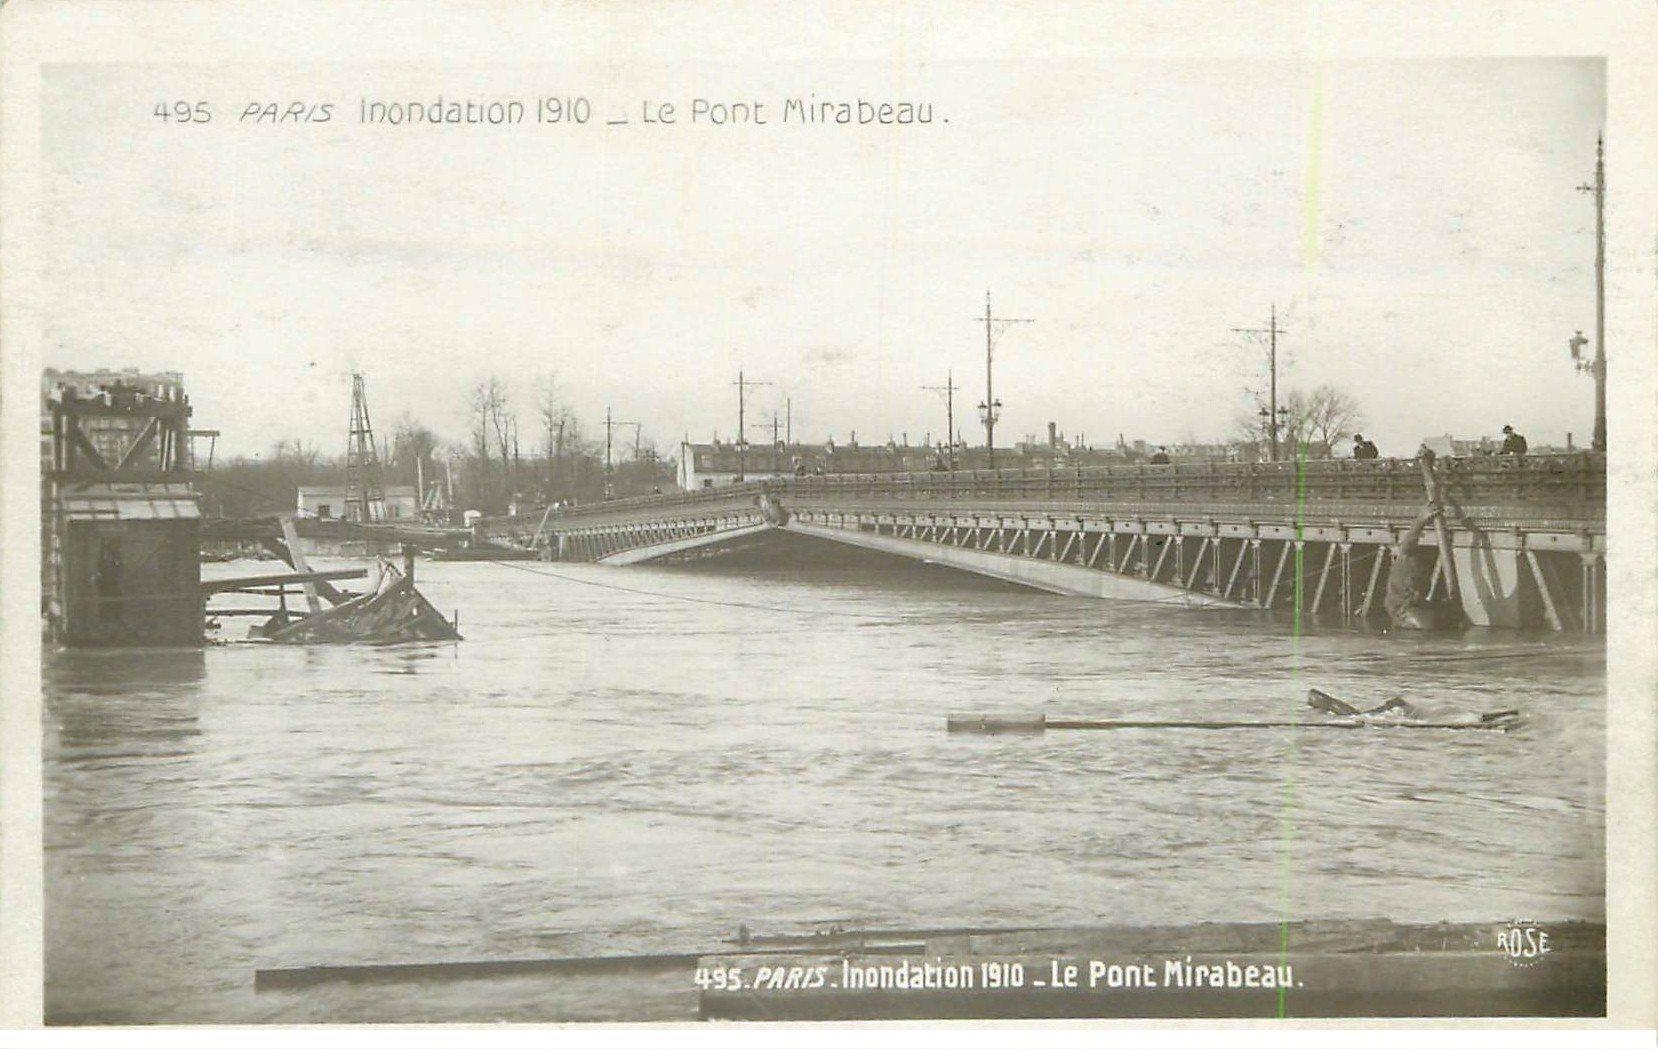 carte postale ancienne INONDATION ET CRUE PARIS 1910. Pont Mirabeau 495